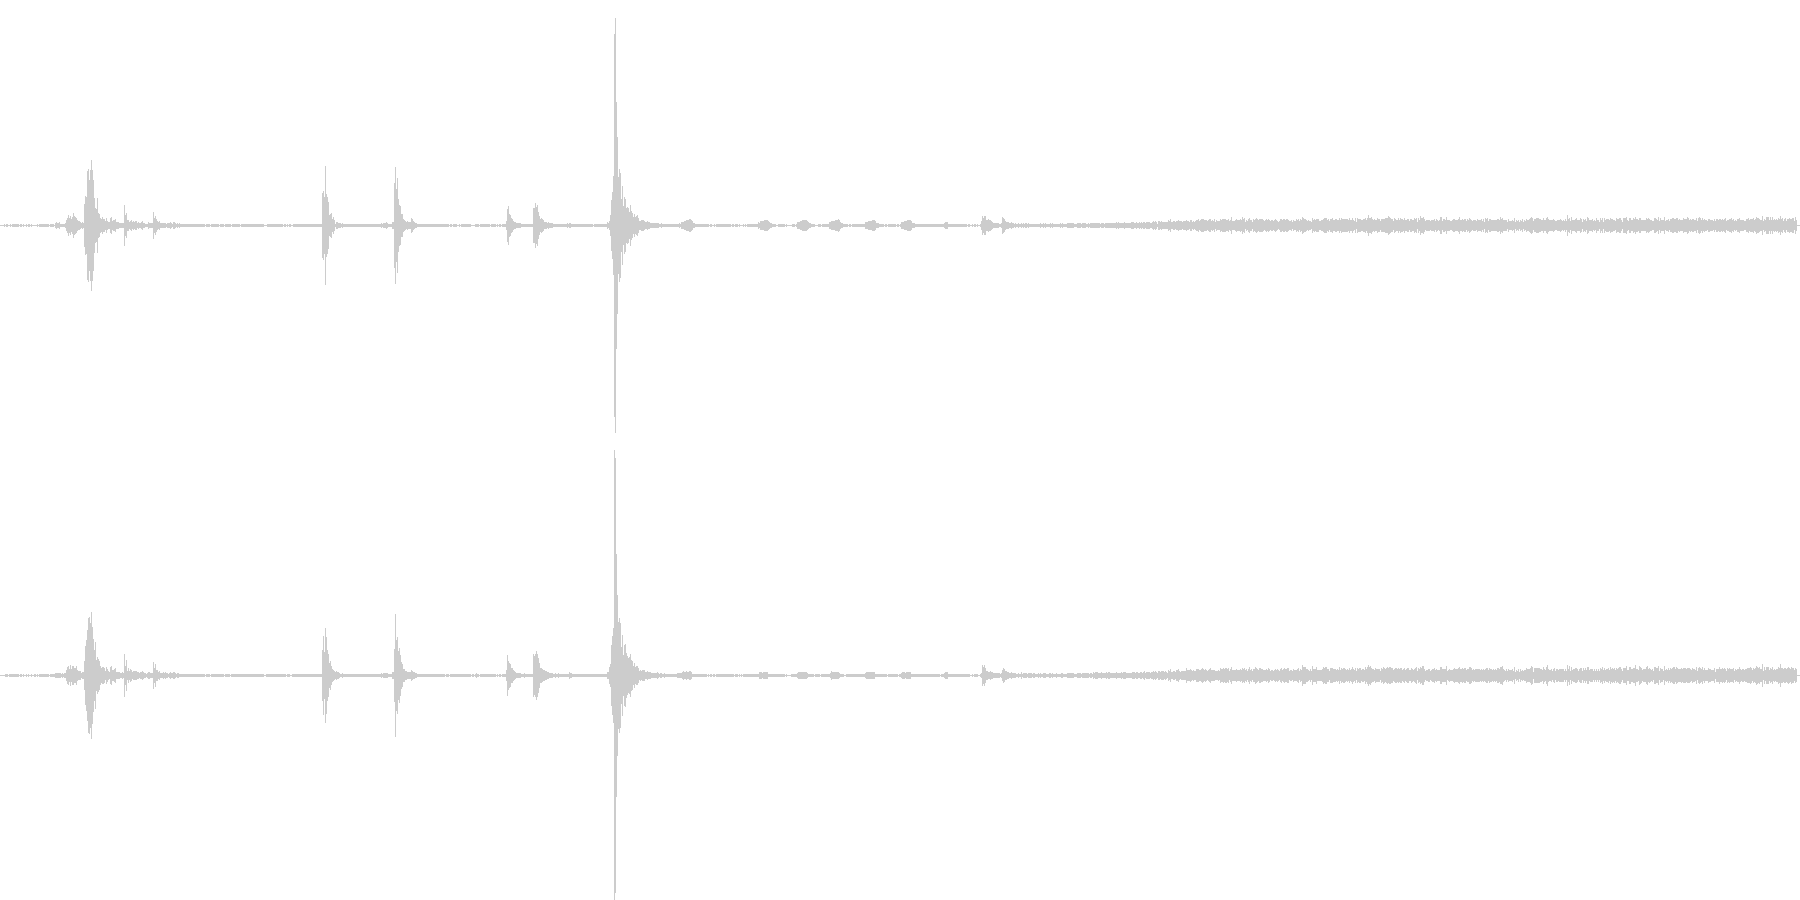 電子レンジの開閉音・稼働音ですの未再生の波形